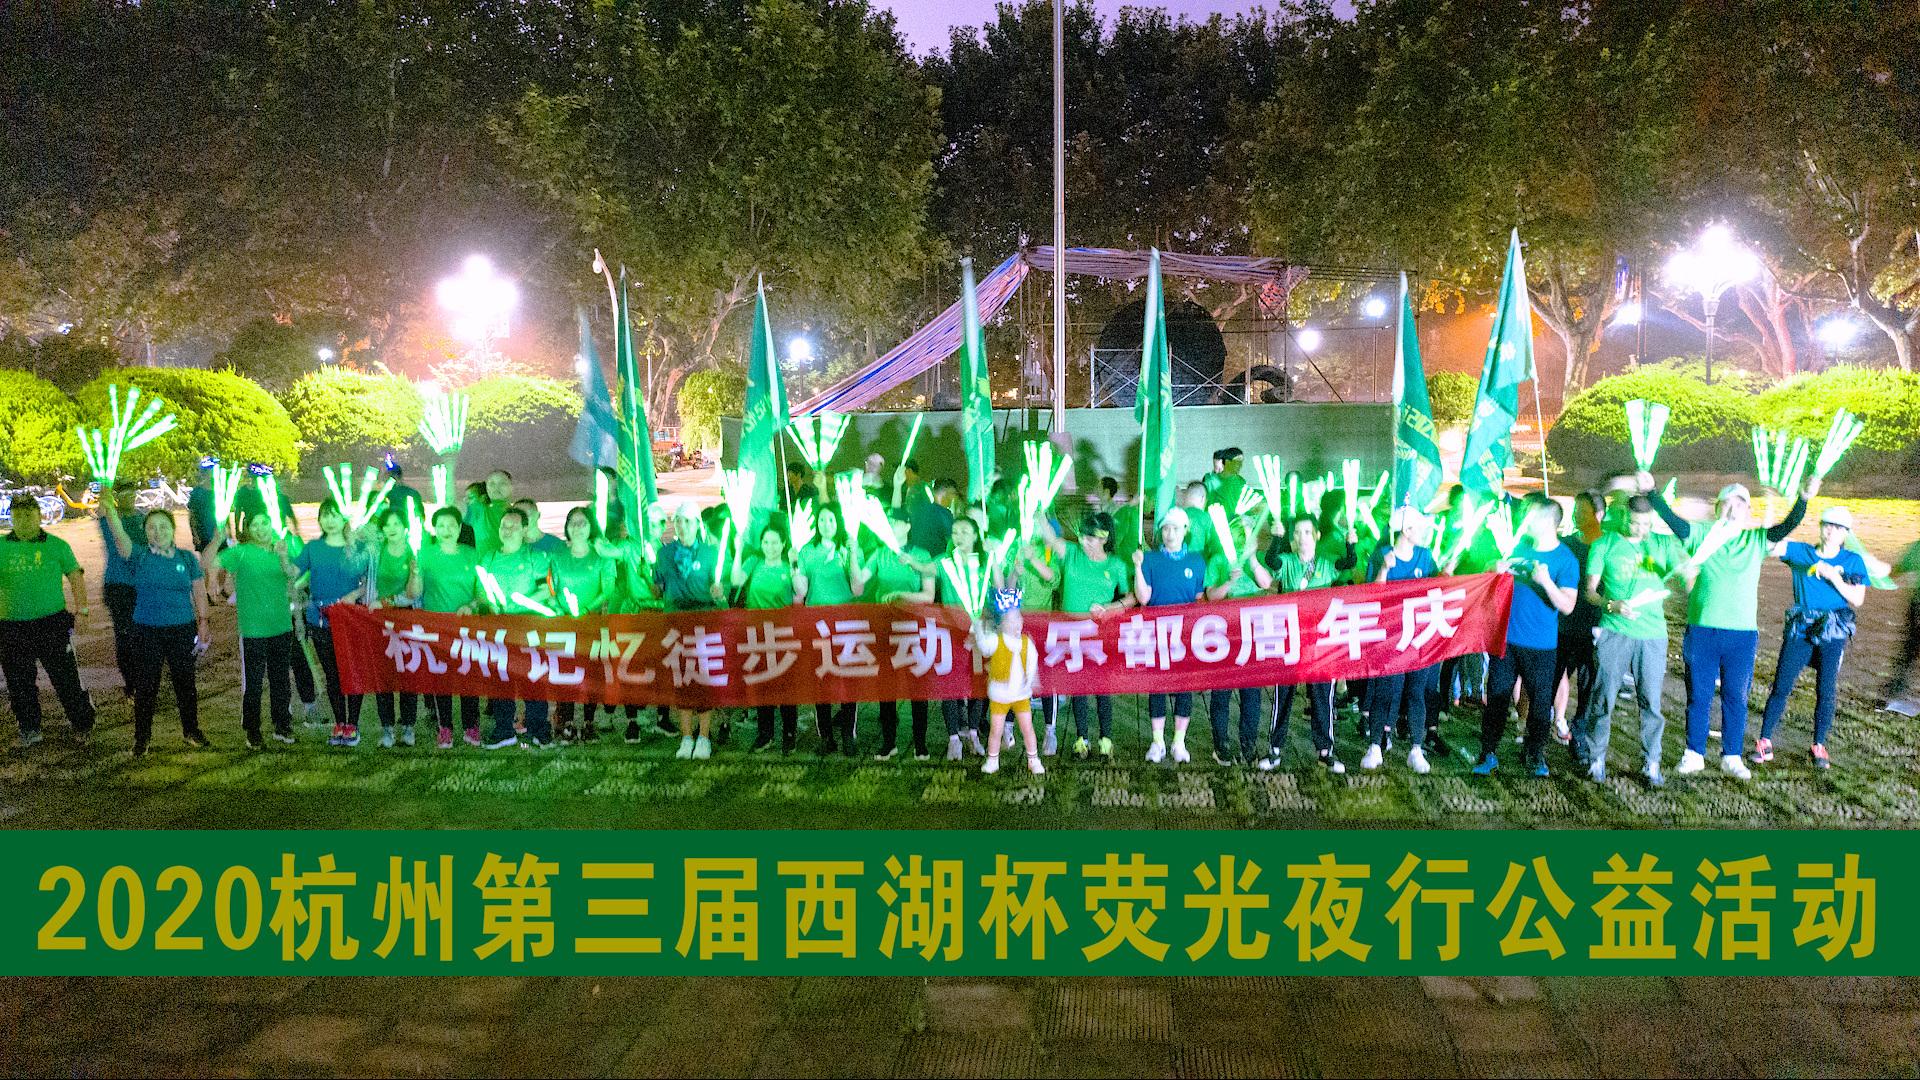 杭州举办第三届西湖杯荧光夜行公益活动